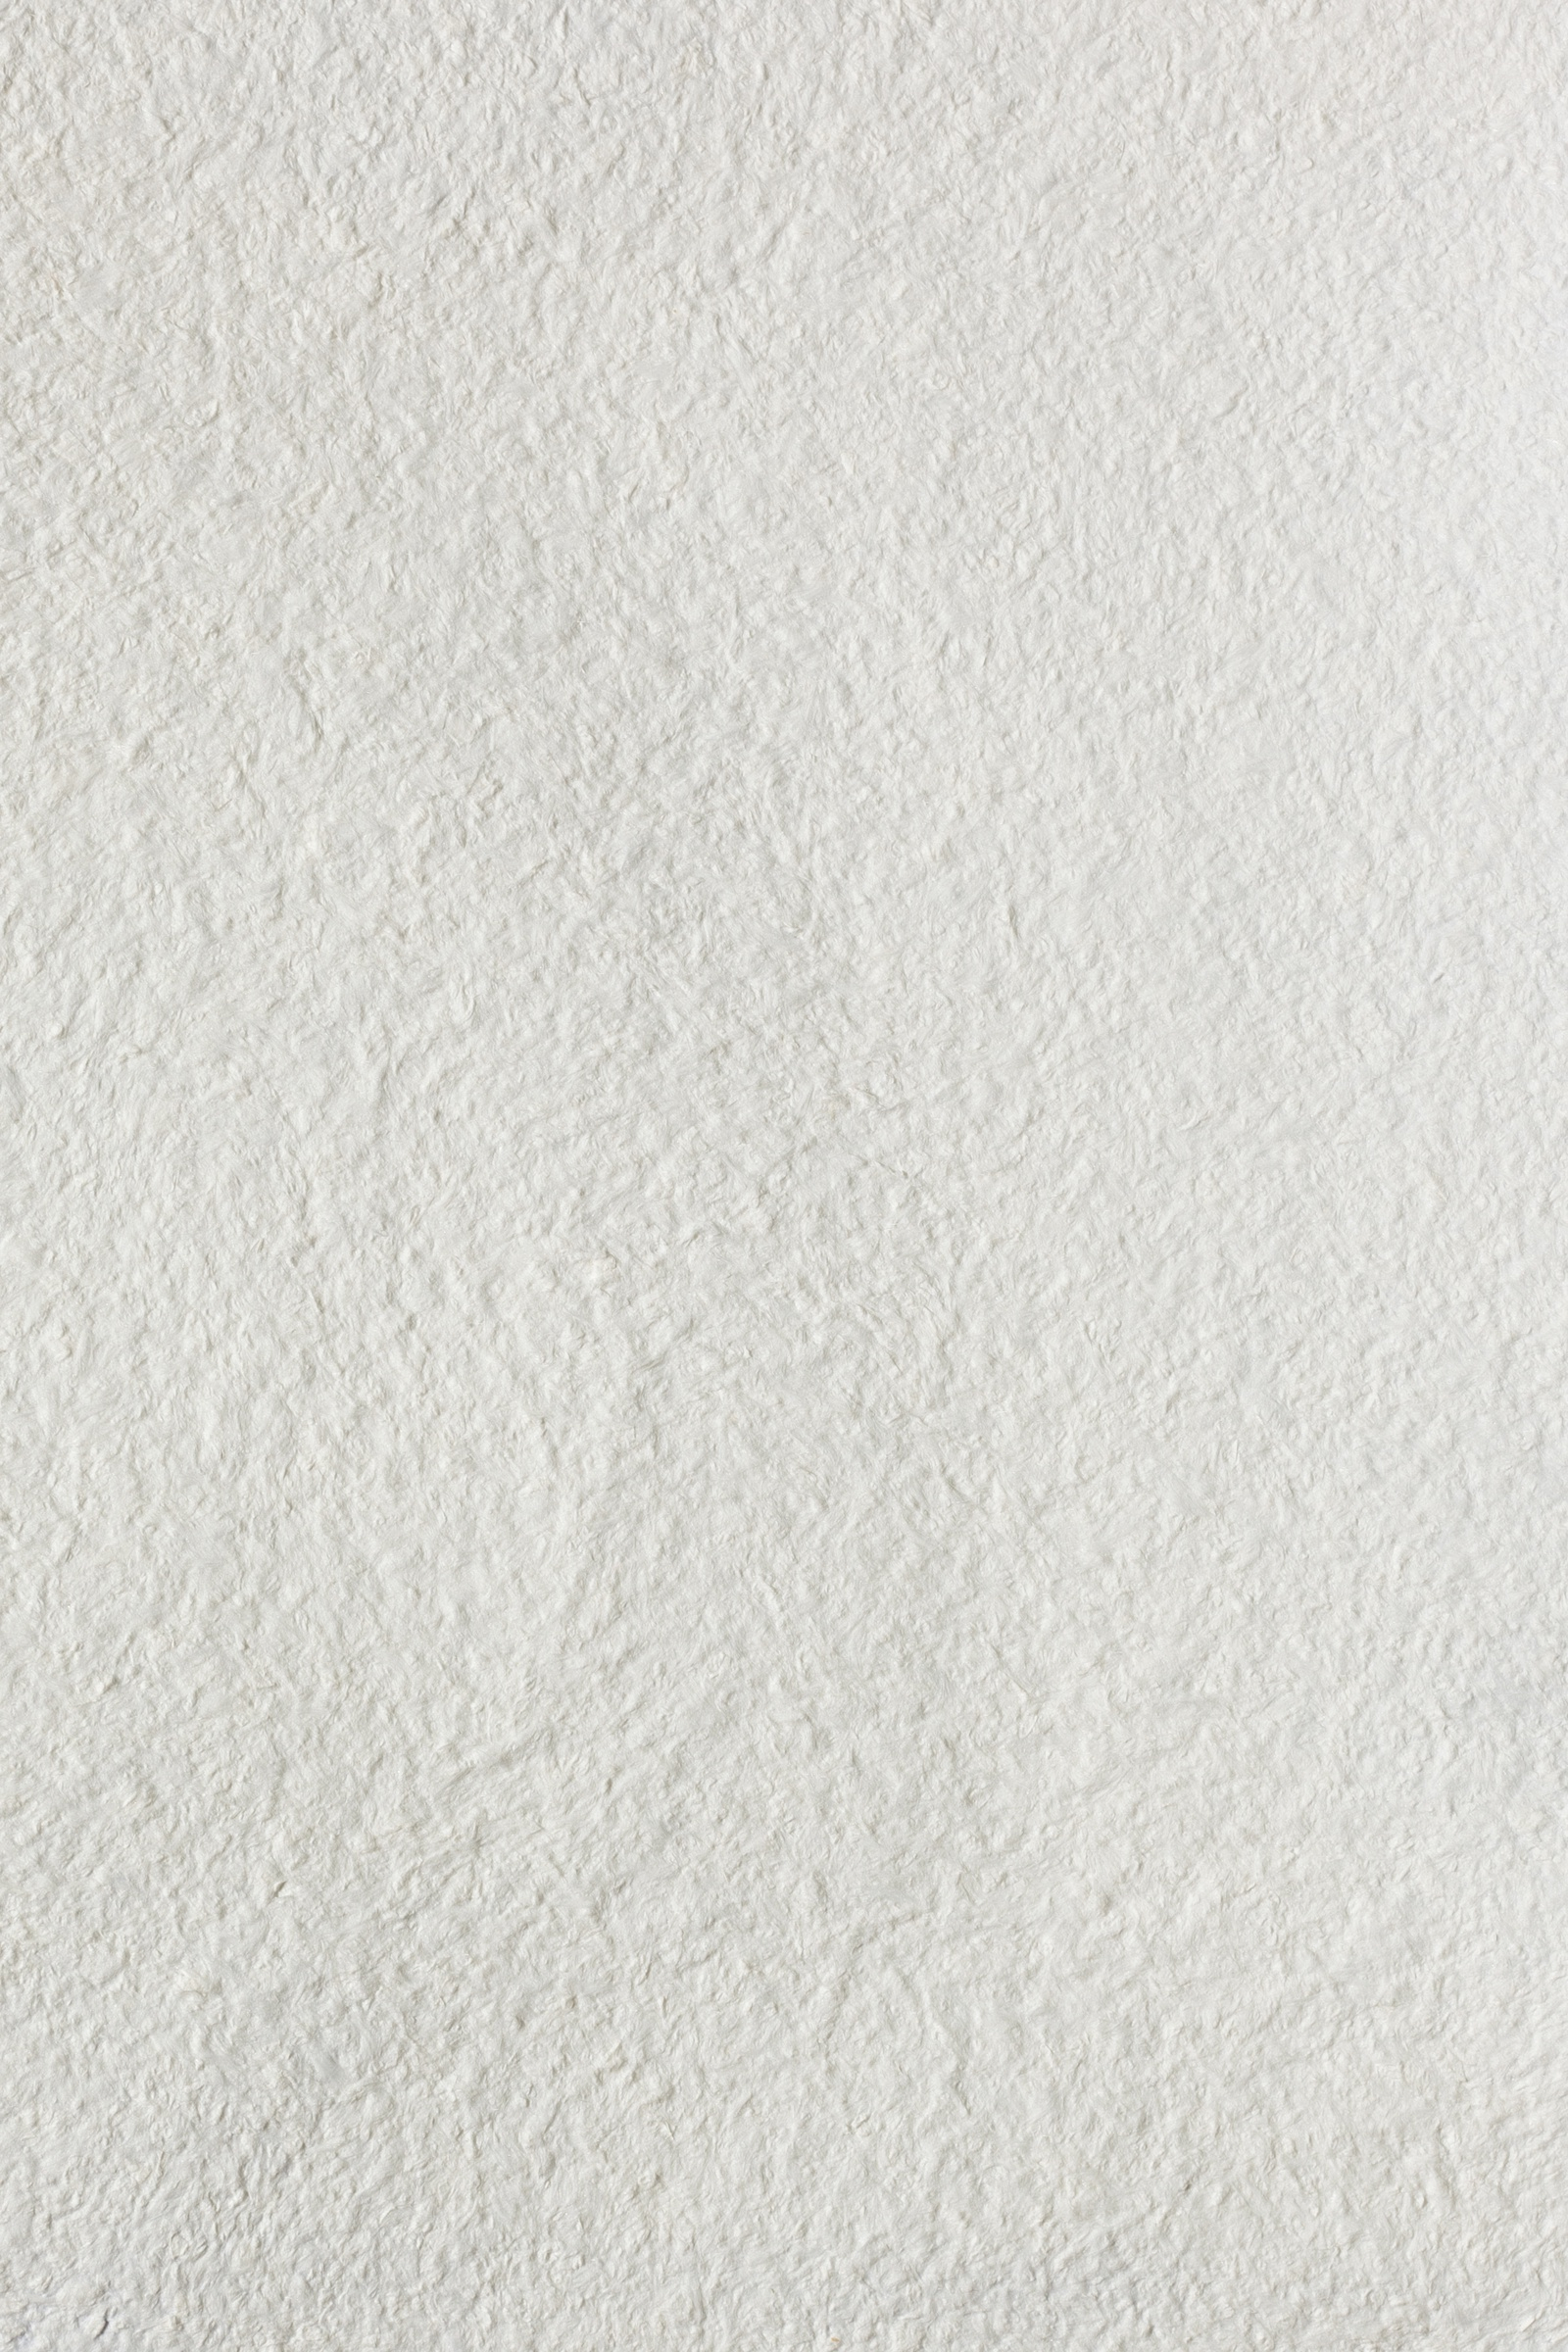 лучшая цена Жидкие обои SILK PLASTER Оптима 051 993гр